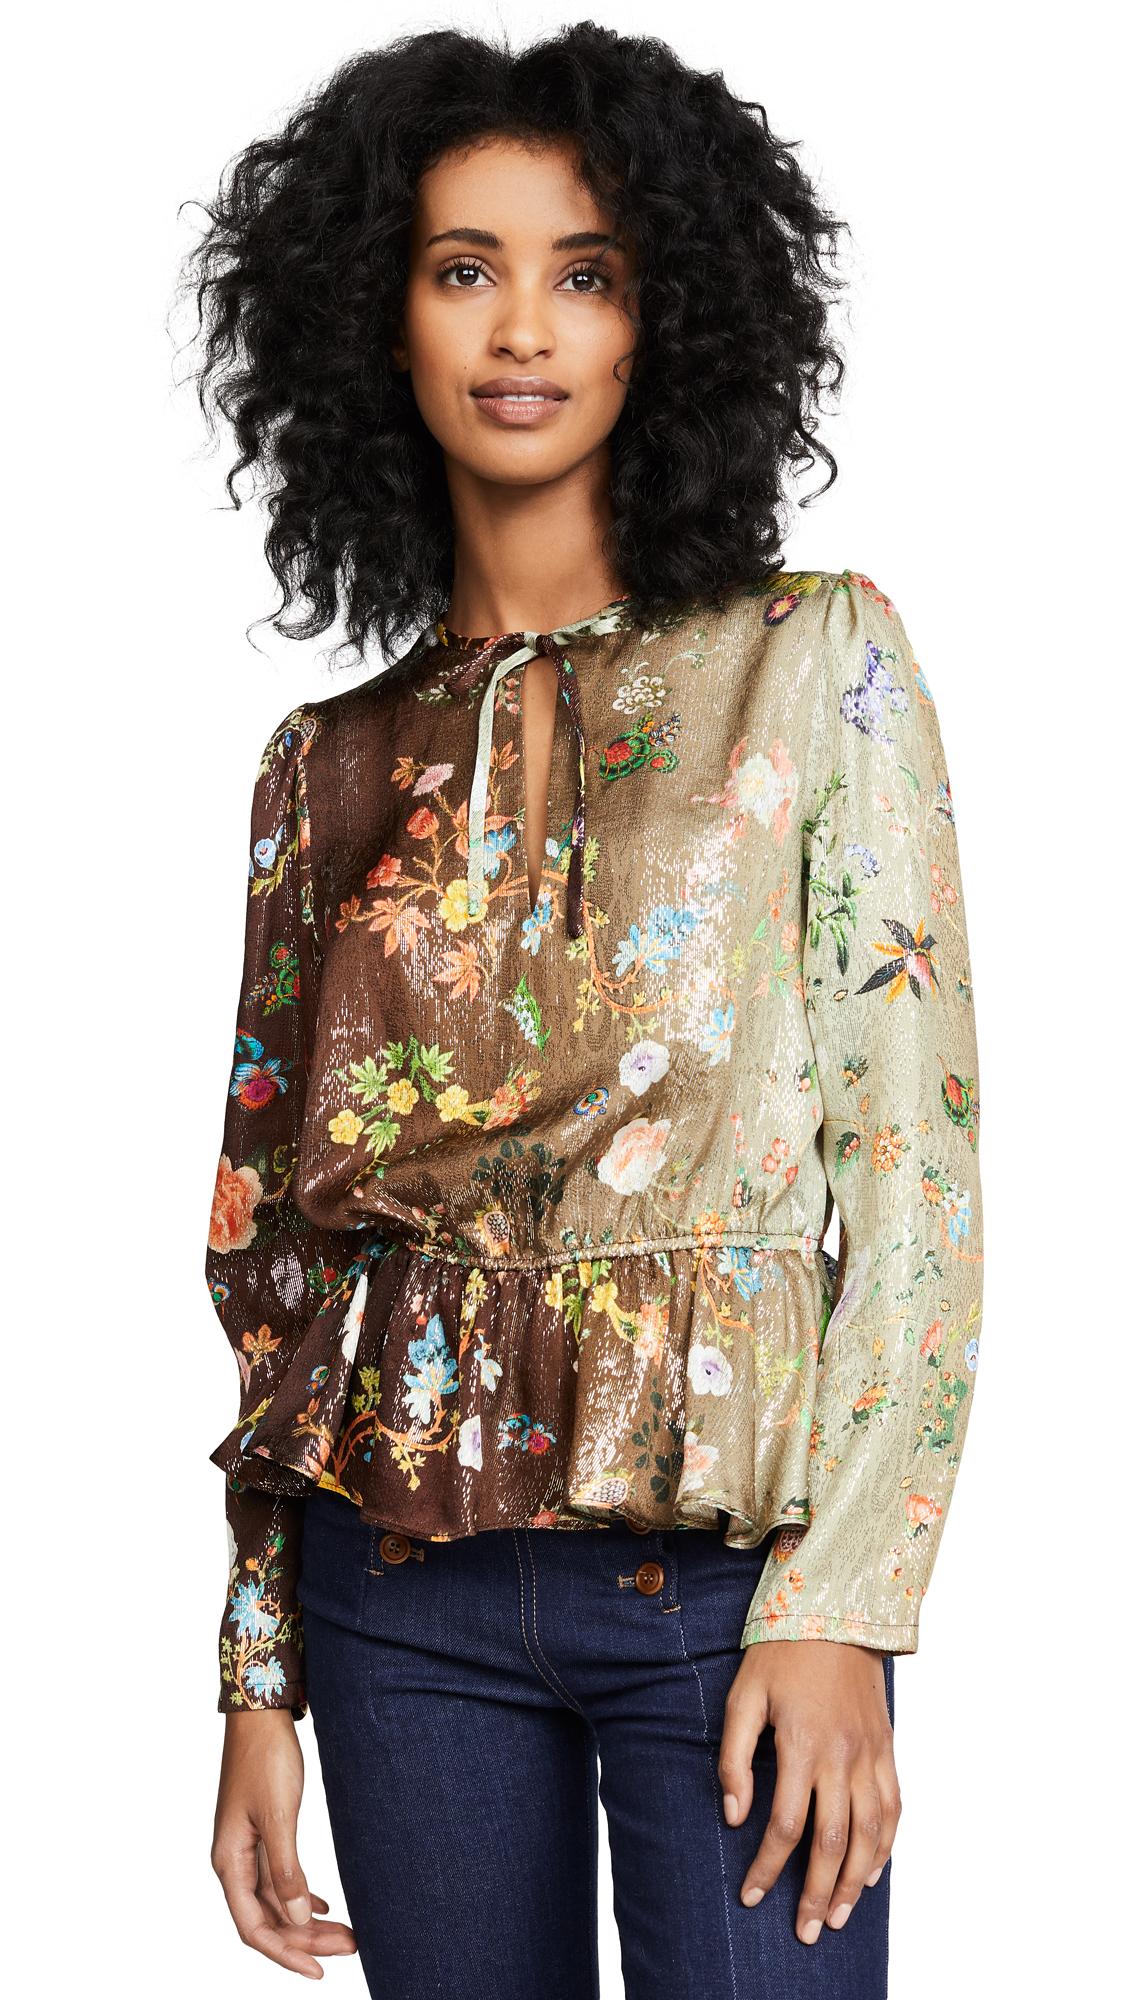 Cynthia Rowley Printed Silk Top - Garden Ombre